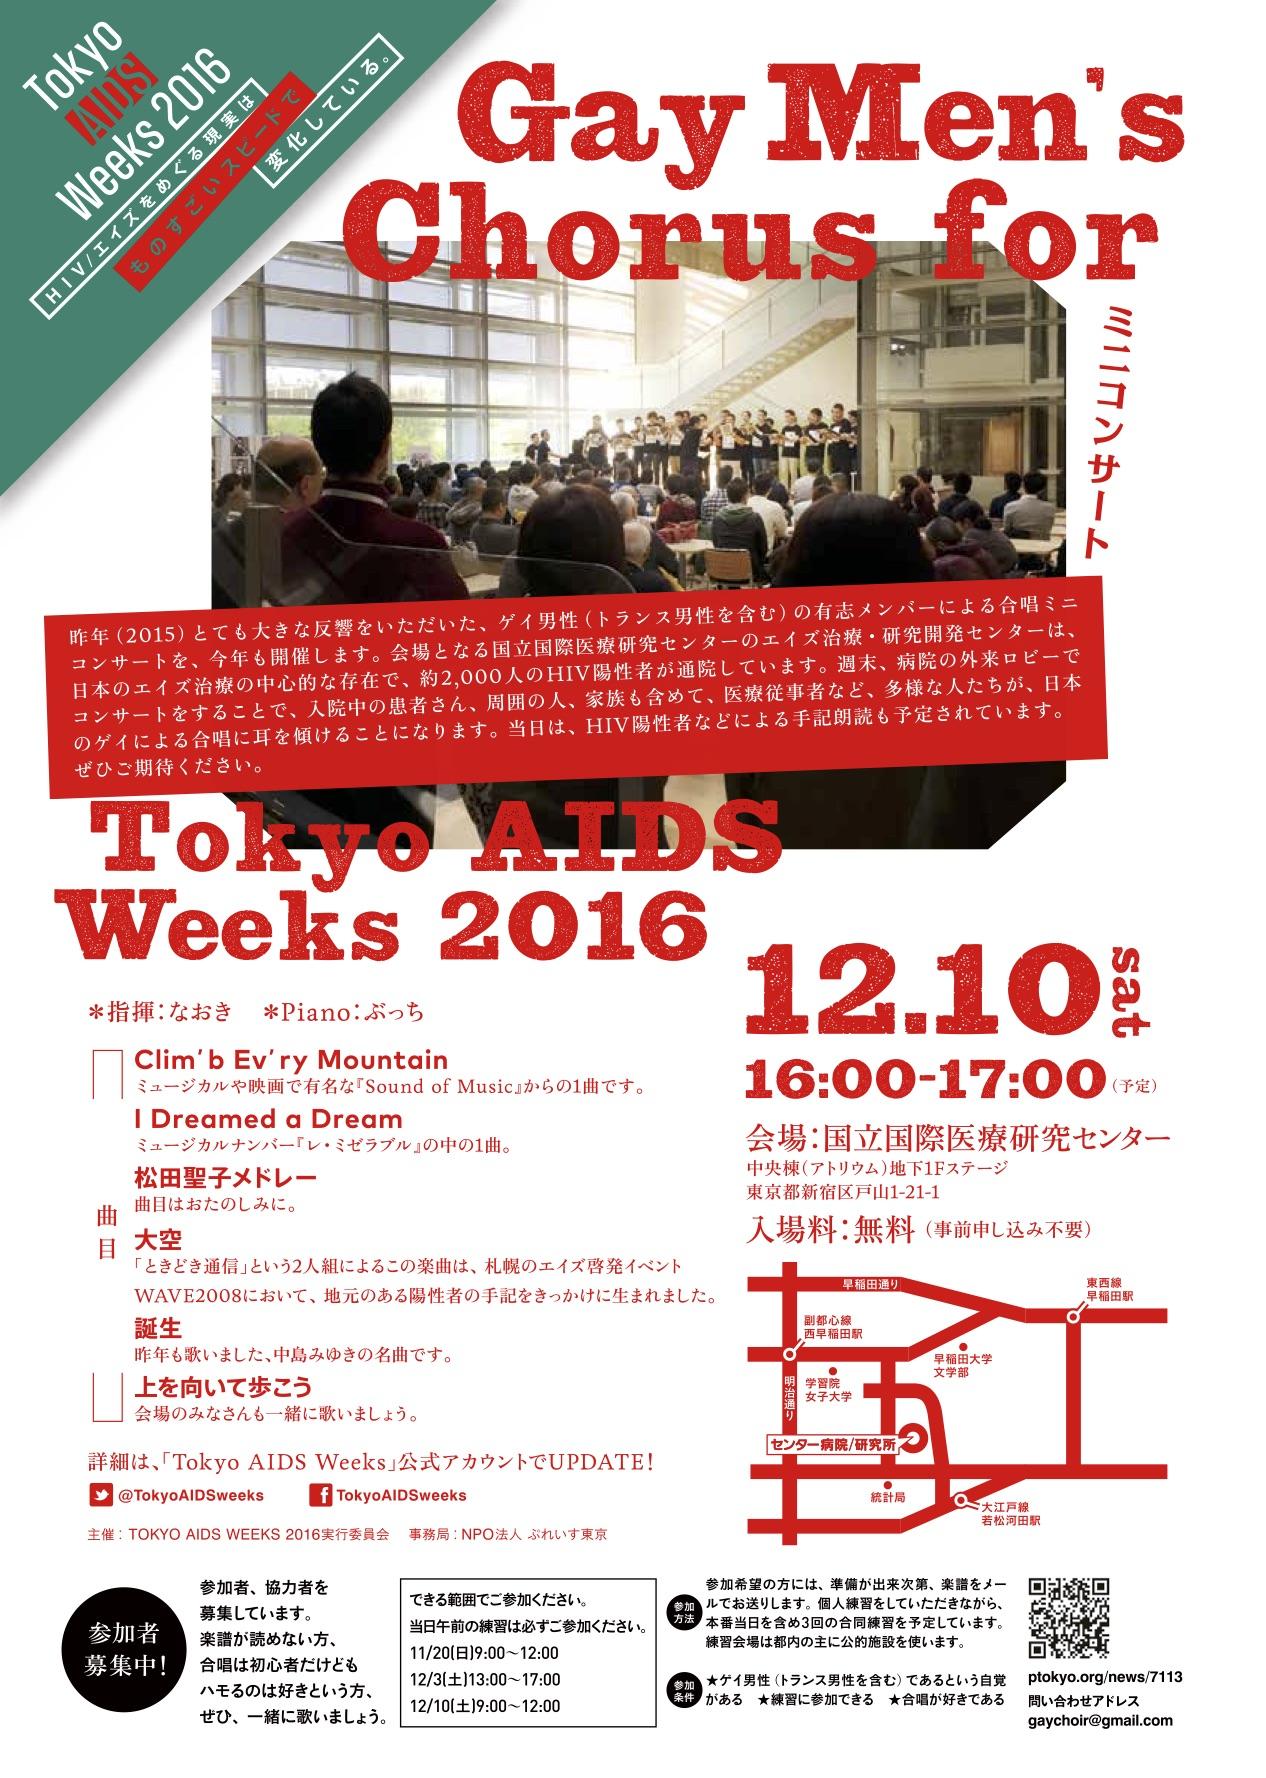 tokyo-aids-weeks2016